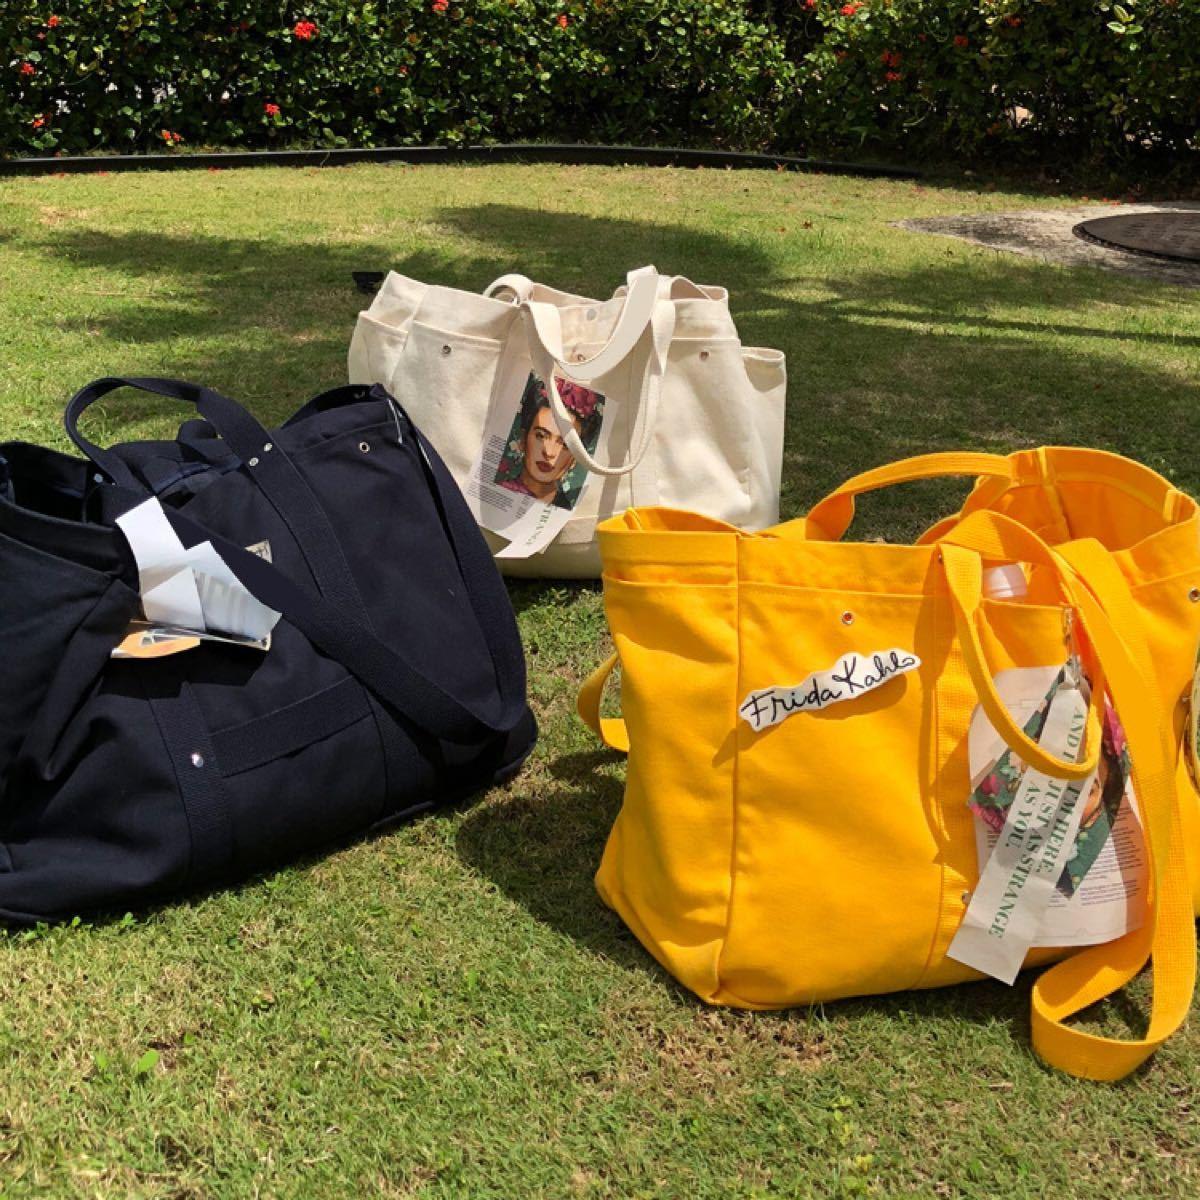 レディース メンズ  キャンバスバッグ トートバッグ大容量 ハンドバッグ かばん